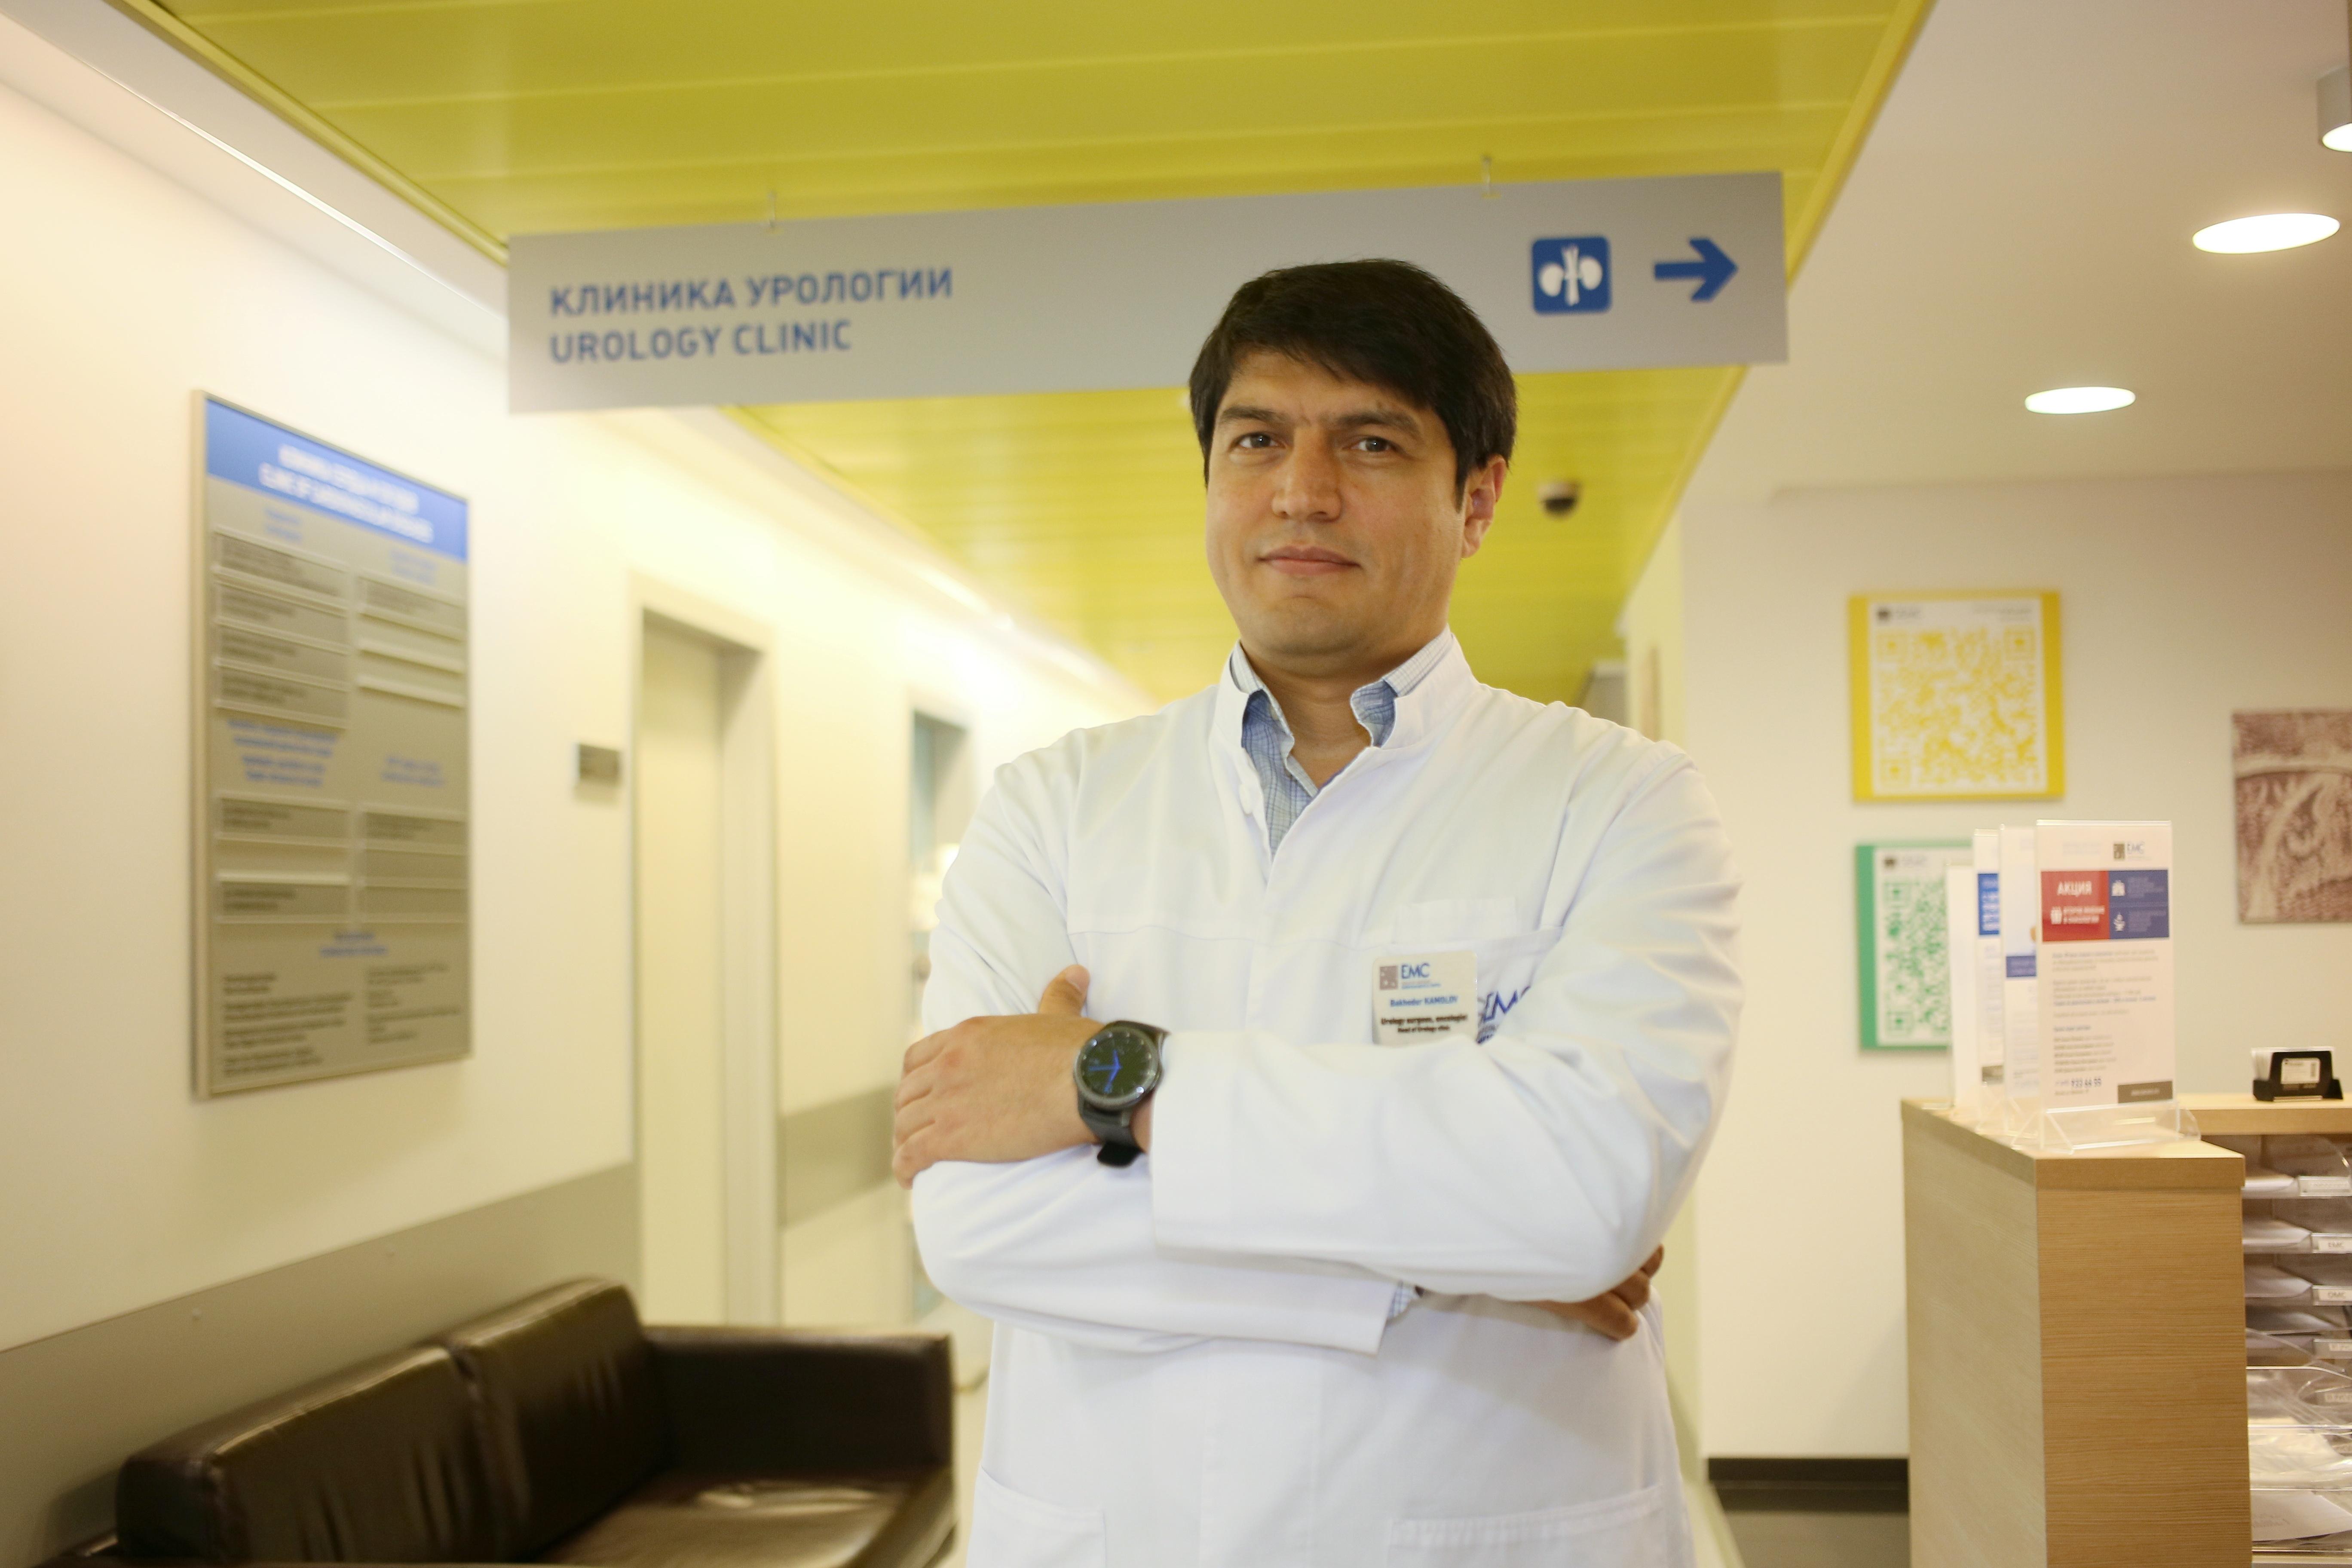 Баходур Камолов, онкоуролог, к. м. н., руководитель Урологической клиники Европейского медицинского центра (ЕМС)